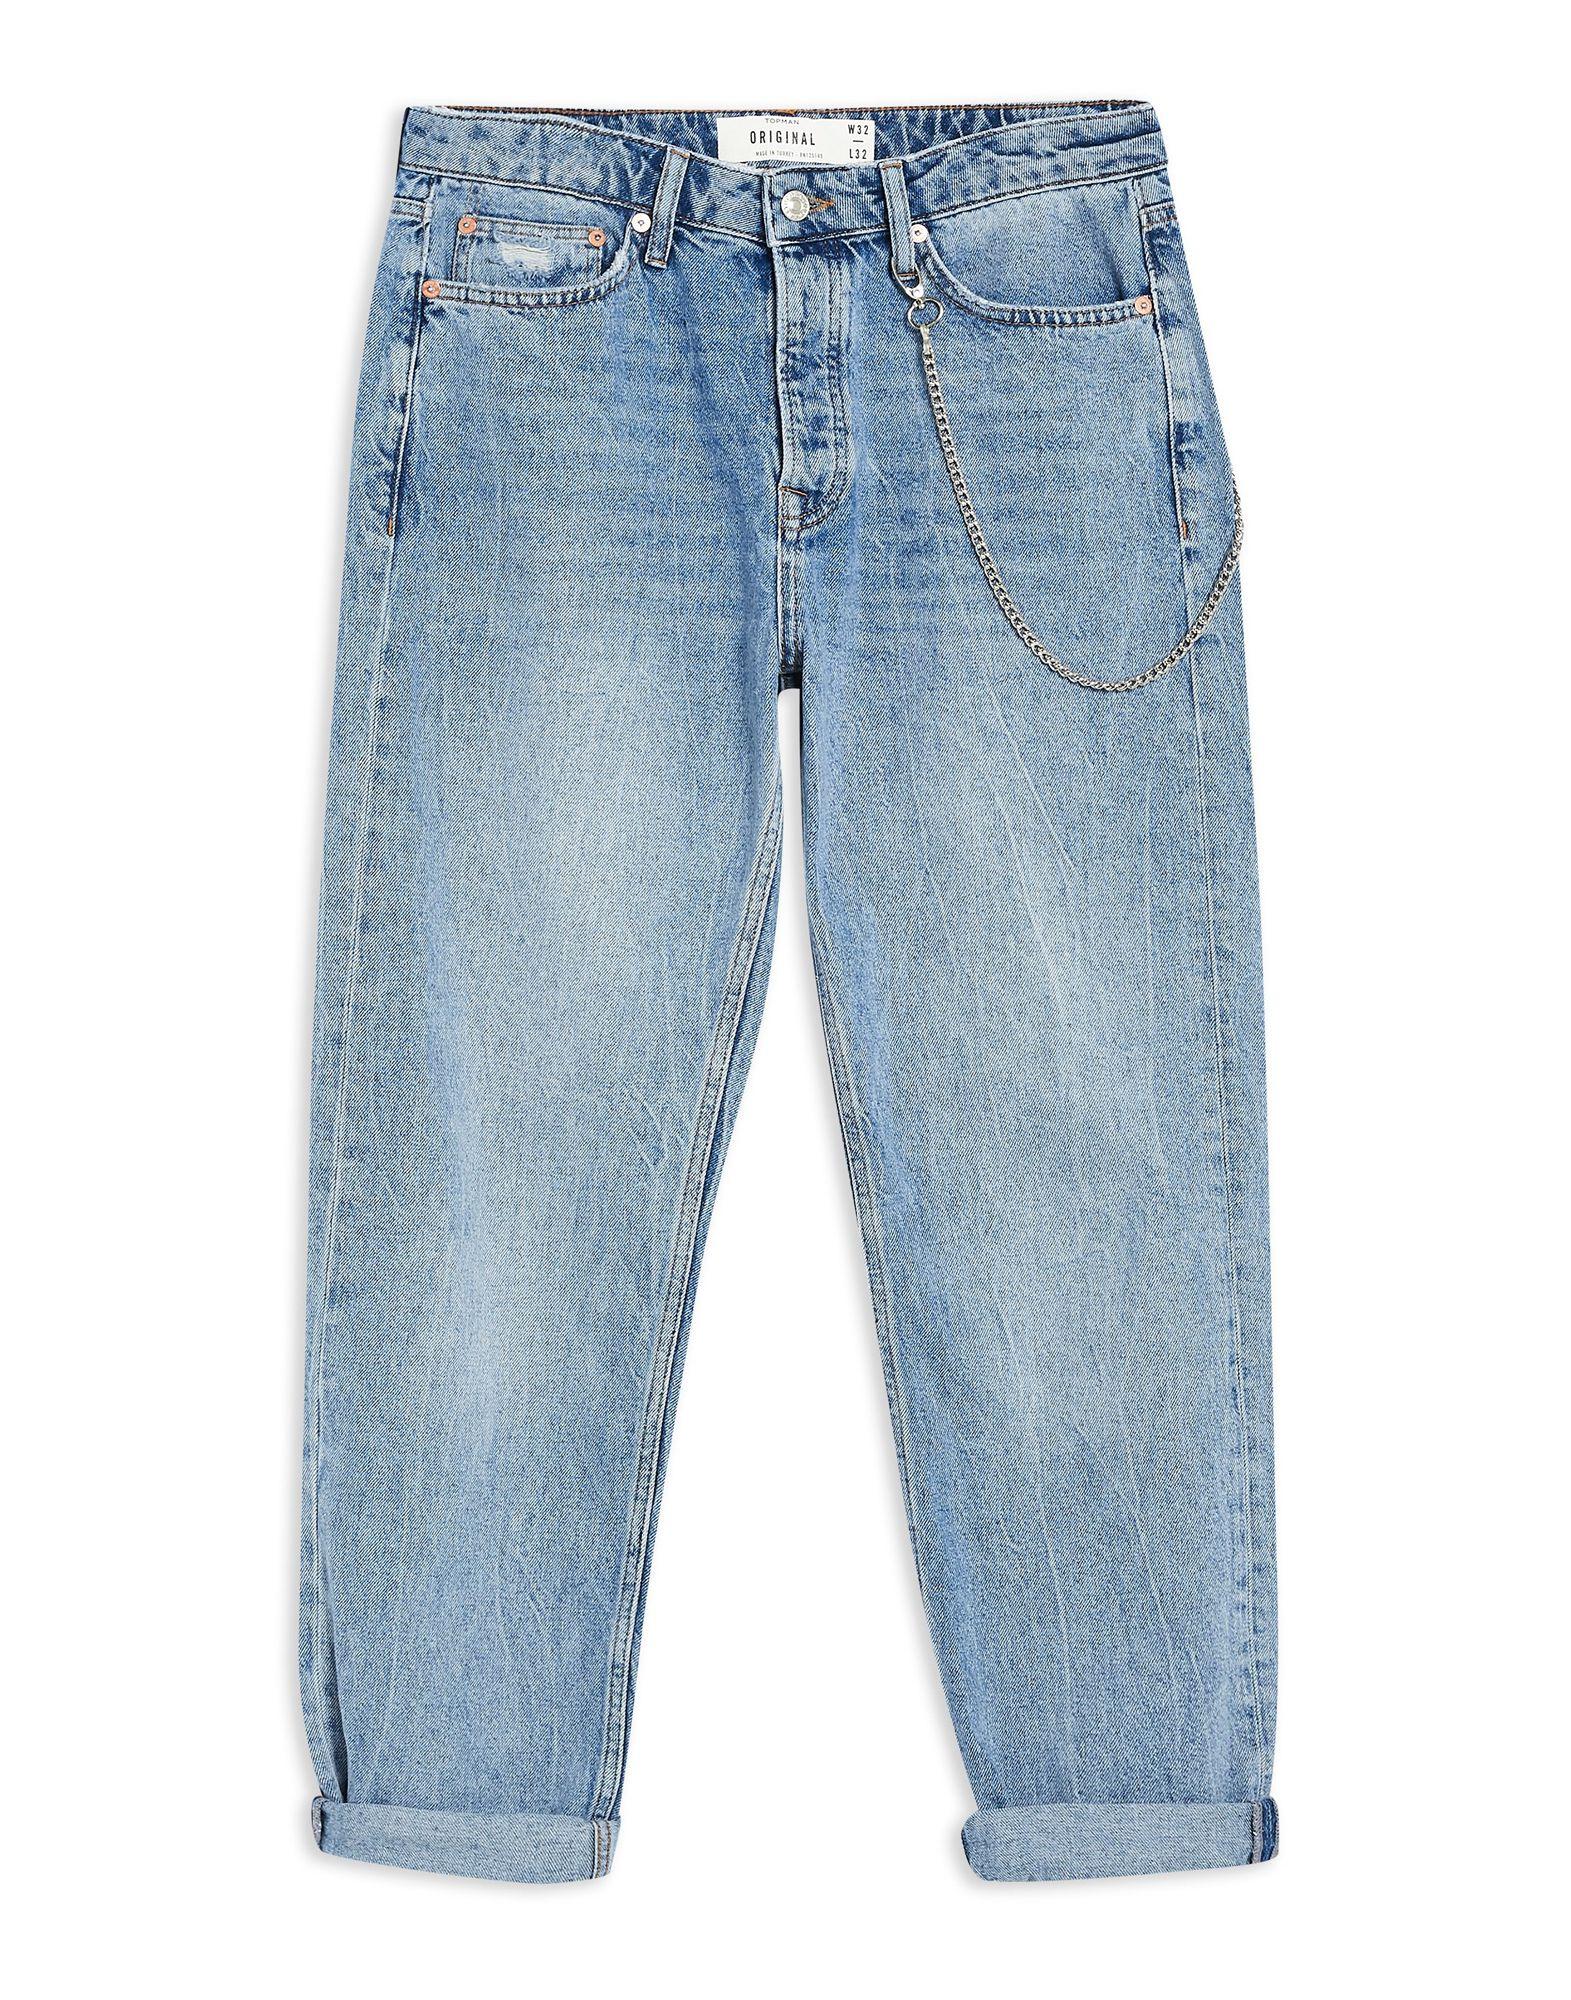 《セール開催中》TOPMAN メンズ ジーンズ ブルー 36W-32L コットン 100% Light Wash Original Chain Jeans